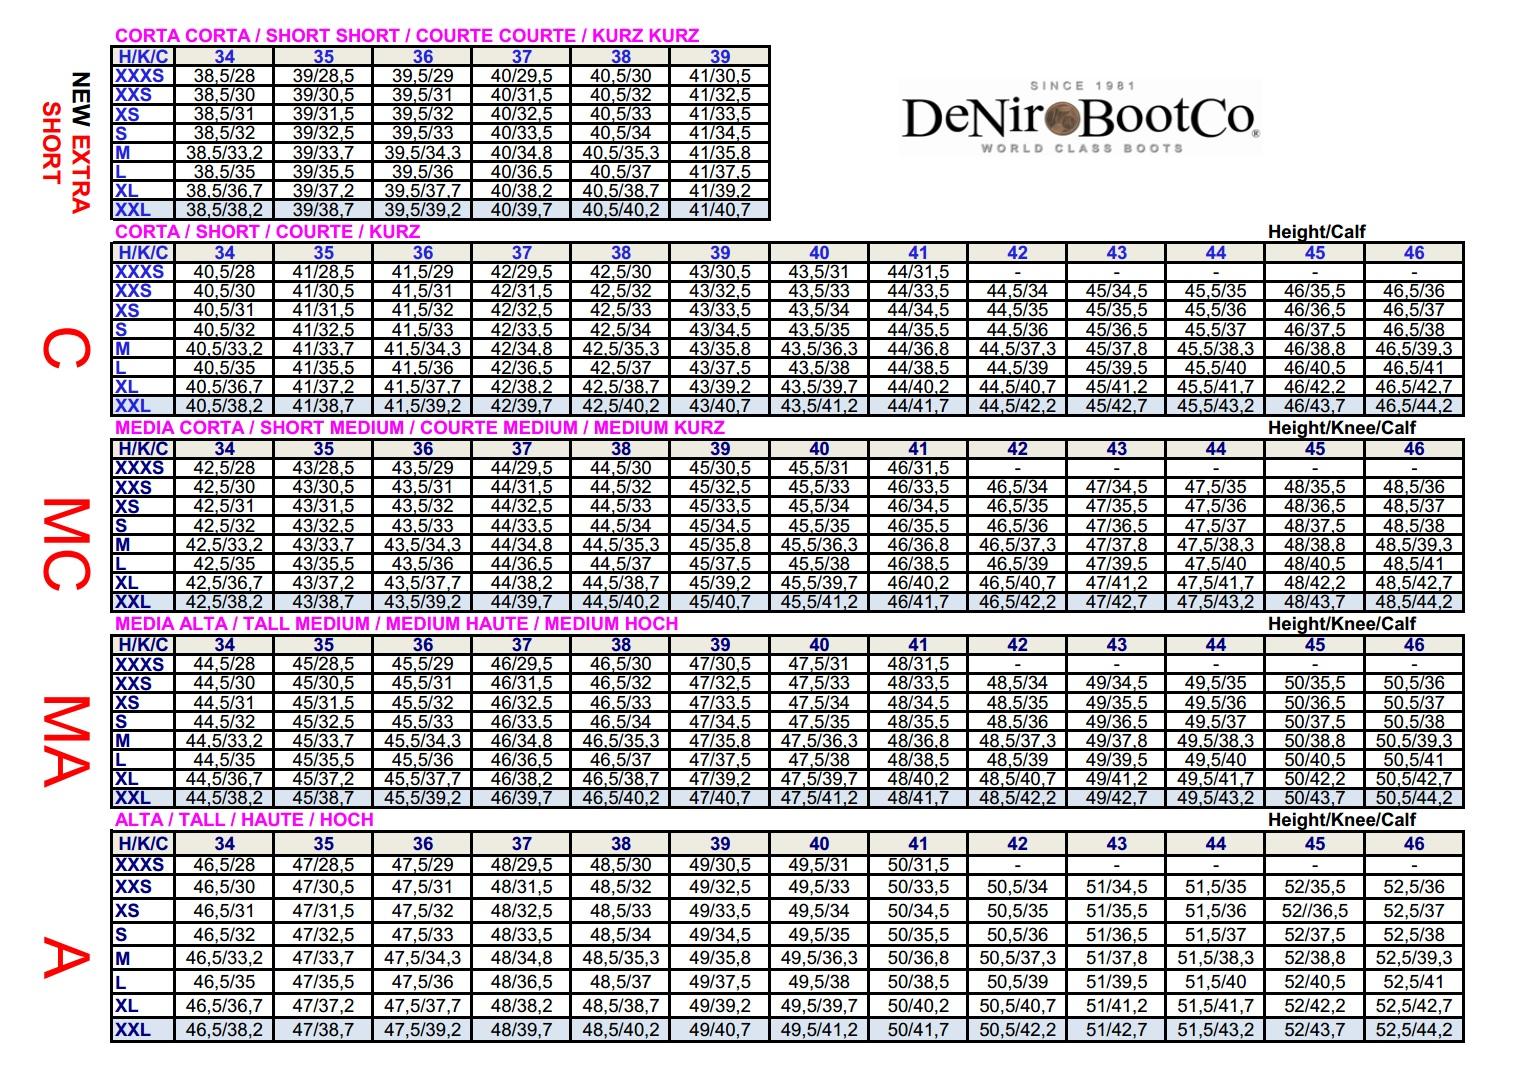 DeNiro-Masstabellen-neuYFMAEQzKB35S7